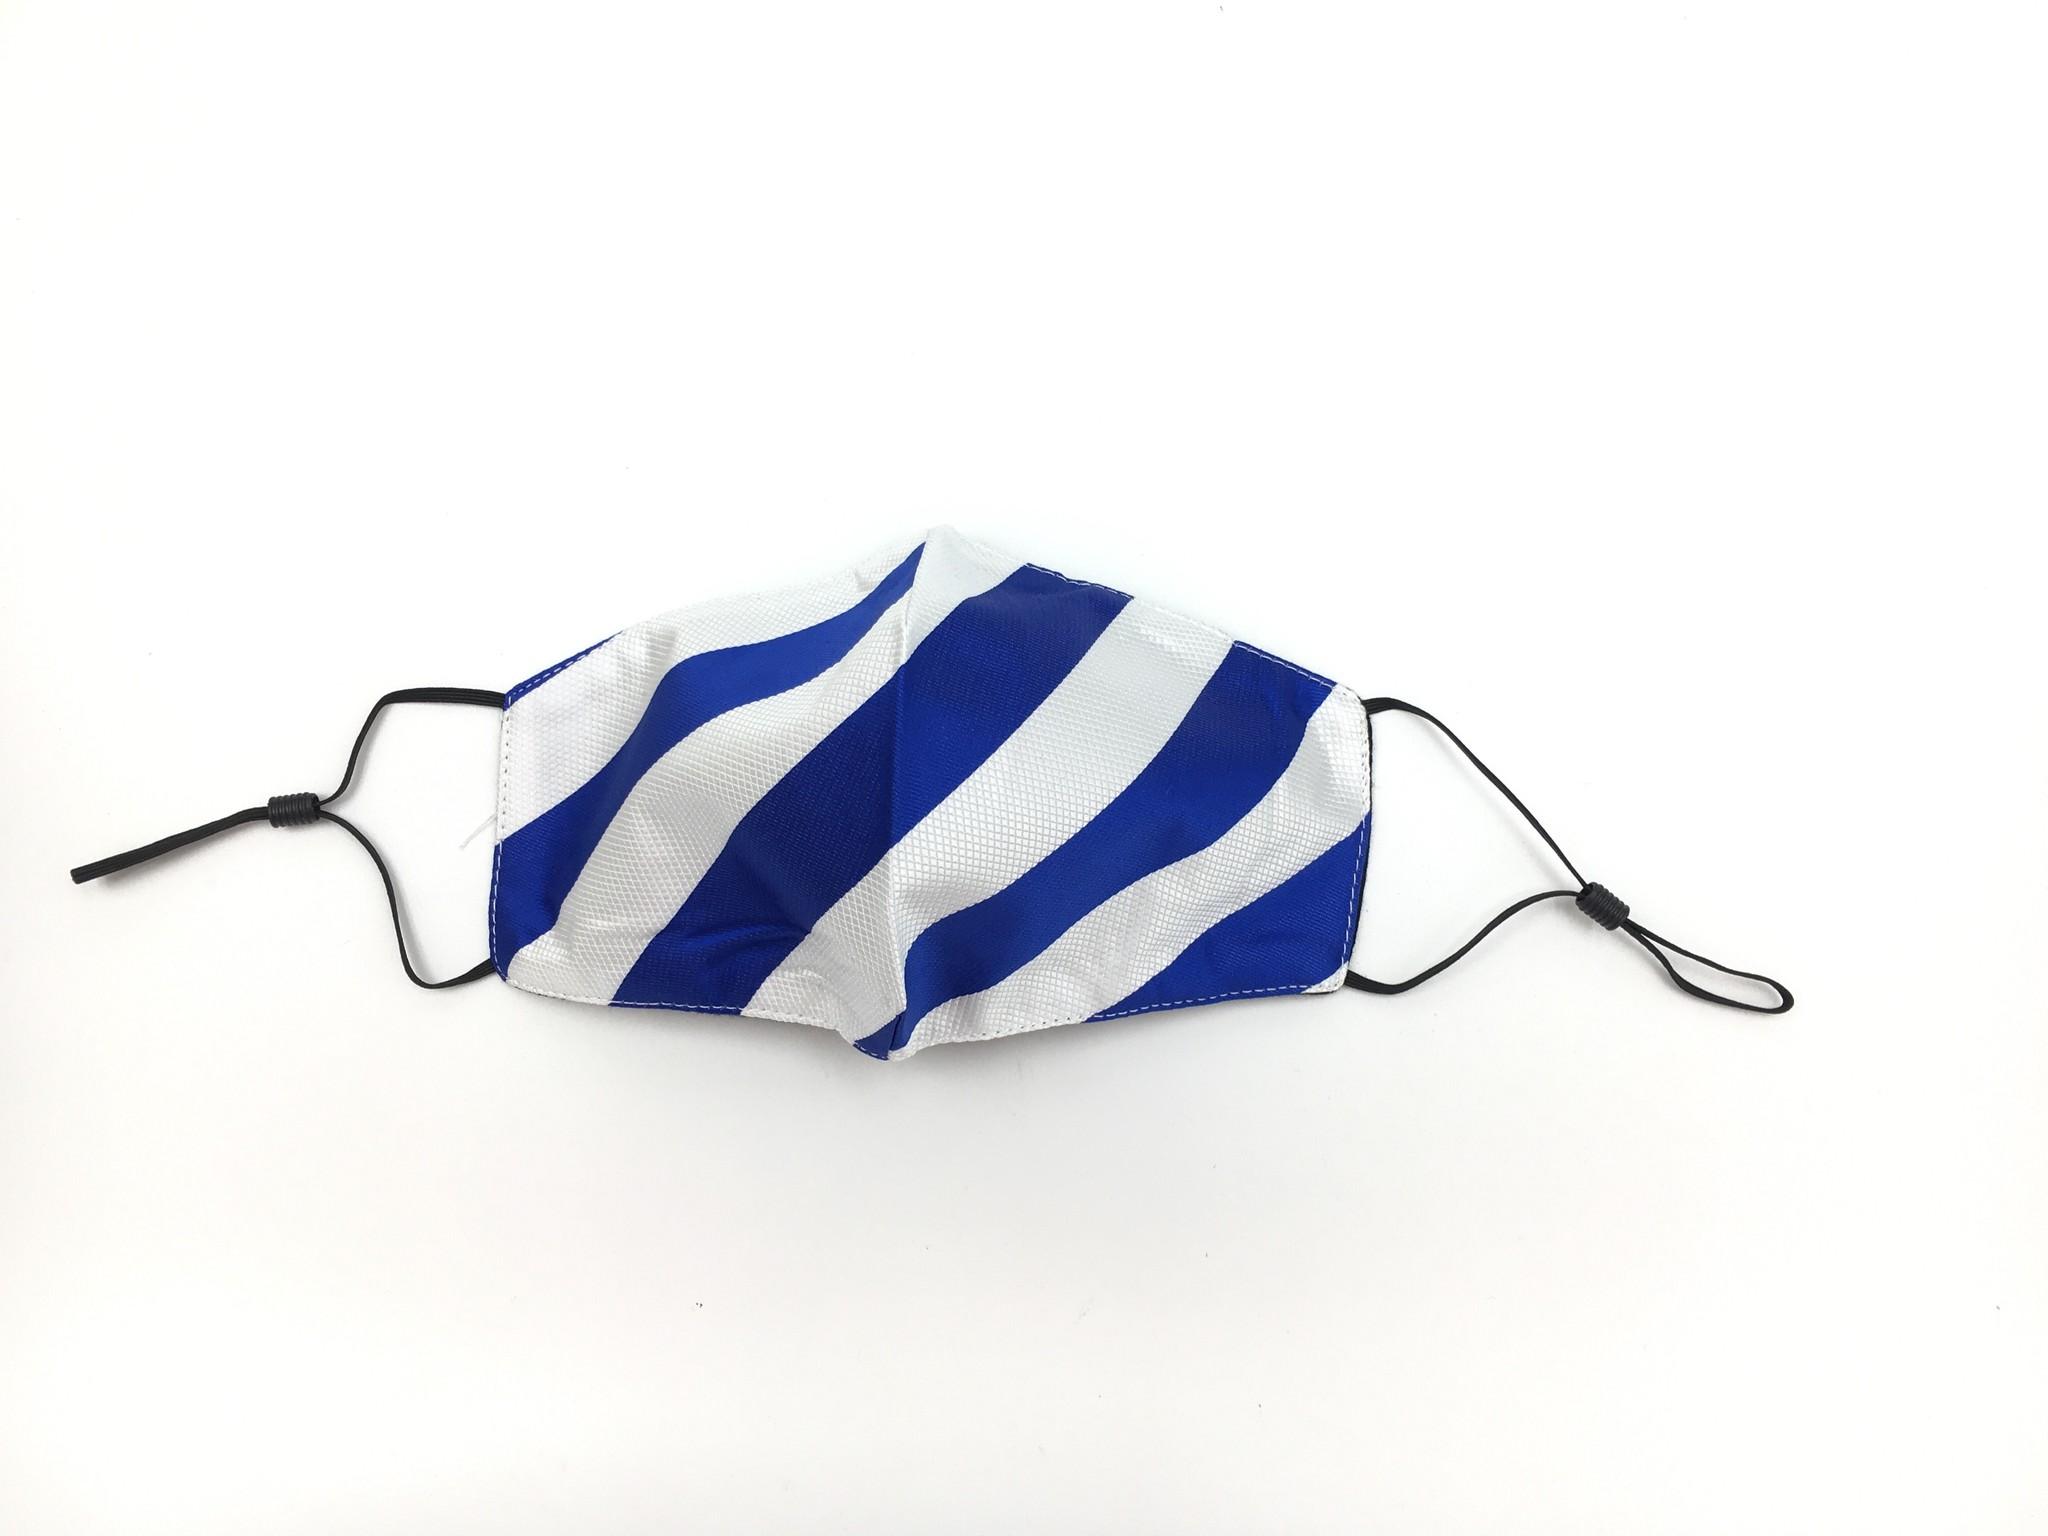 berek Mask by berek - Boy's Club Blue/White